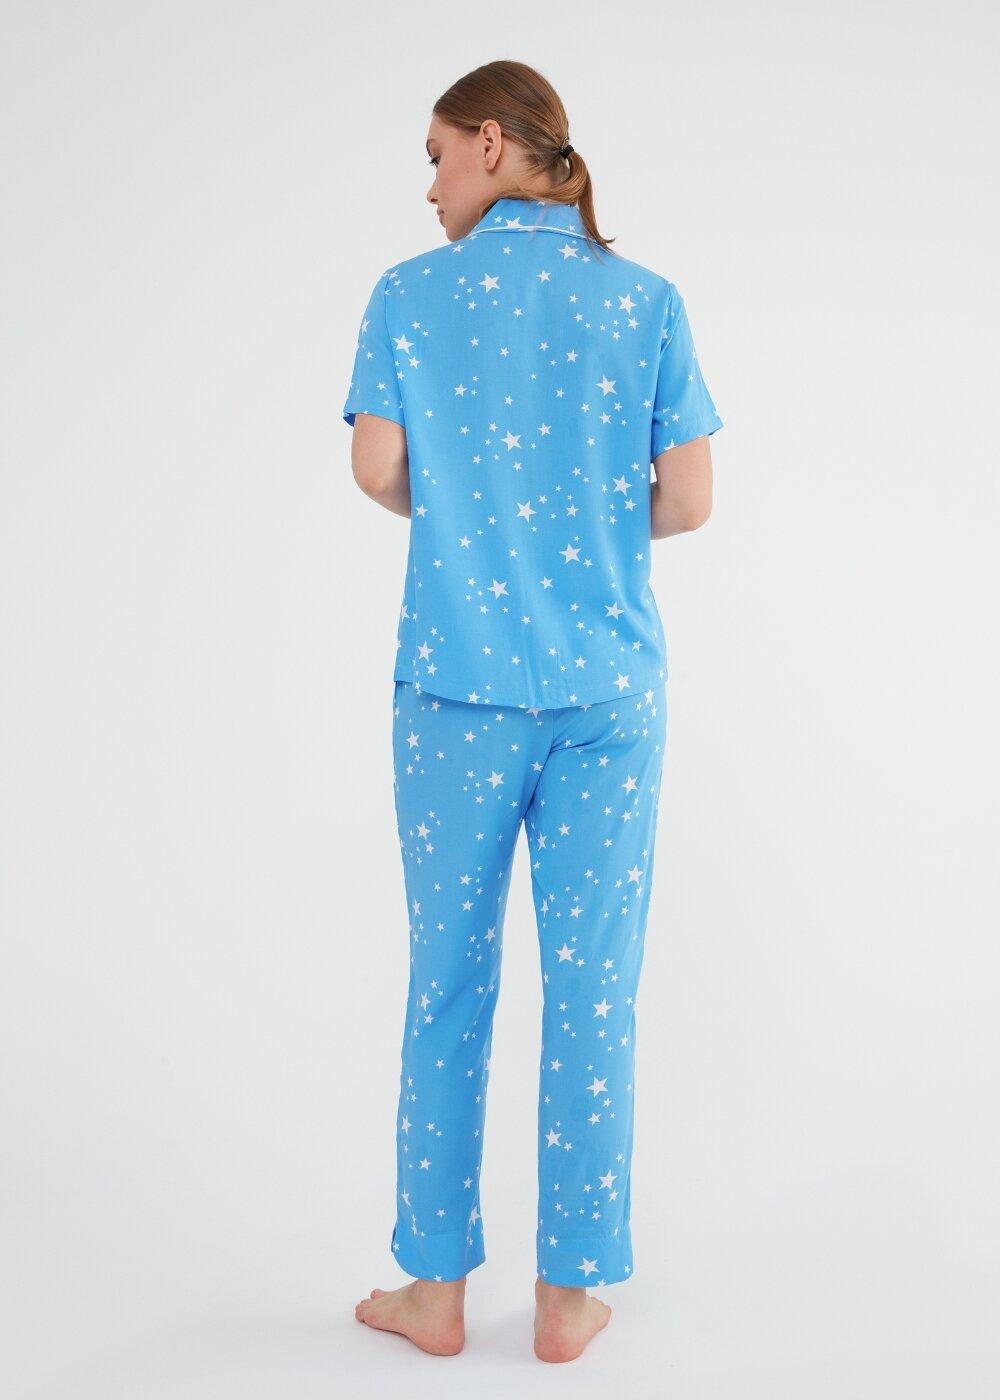 resm Fiona Maskulen Pijama Takımı - MAVİ